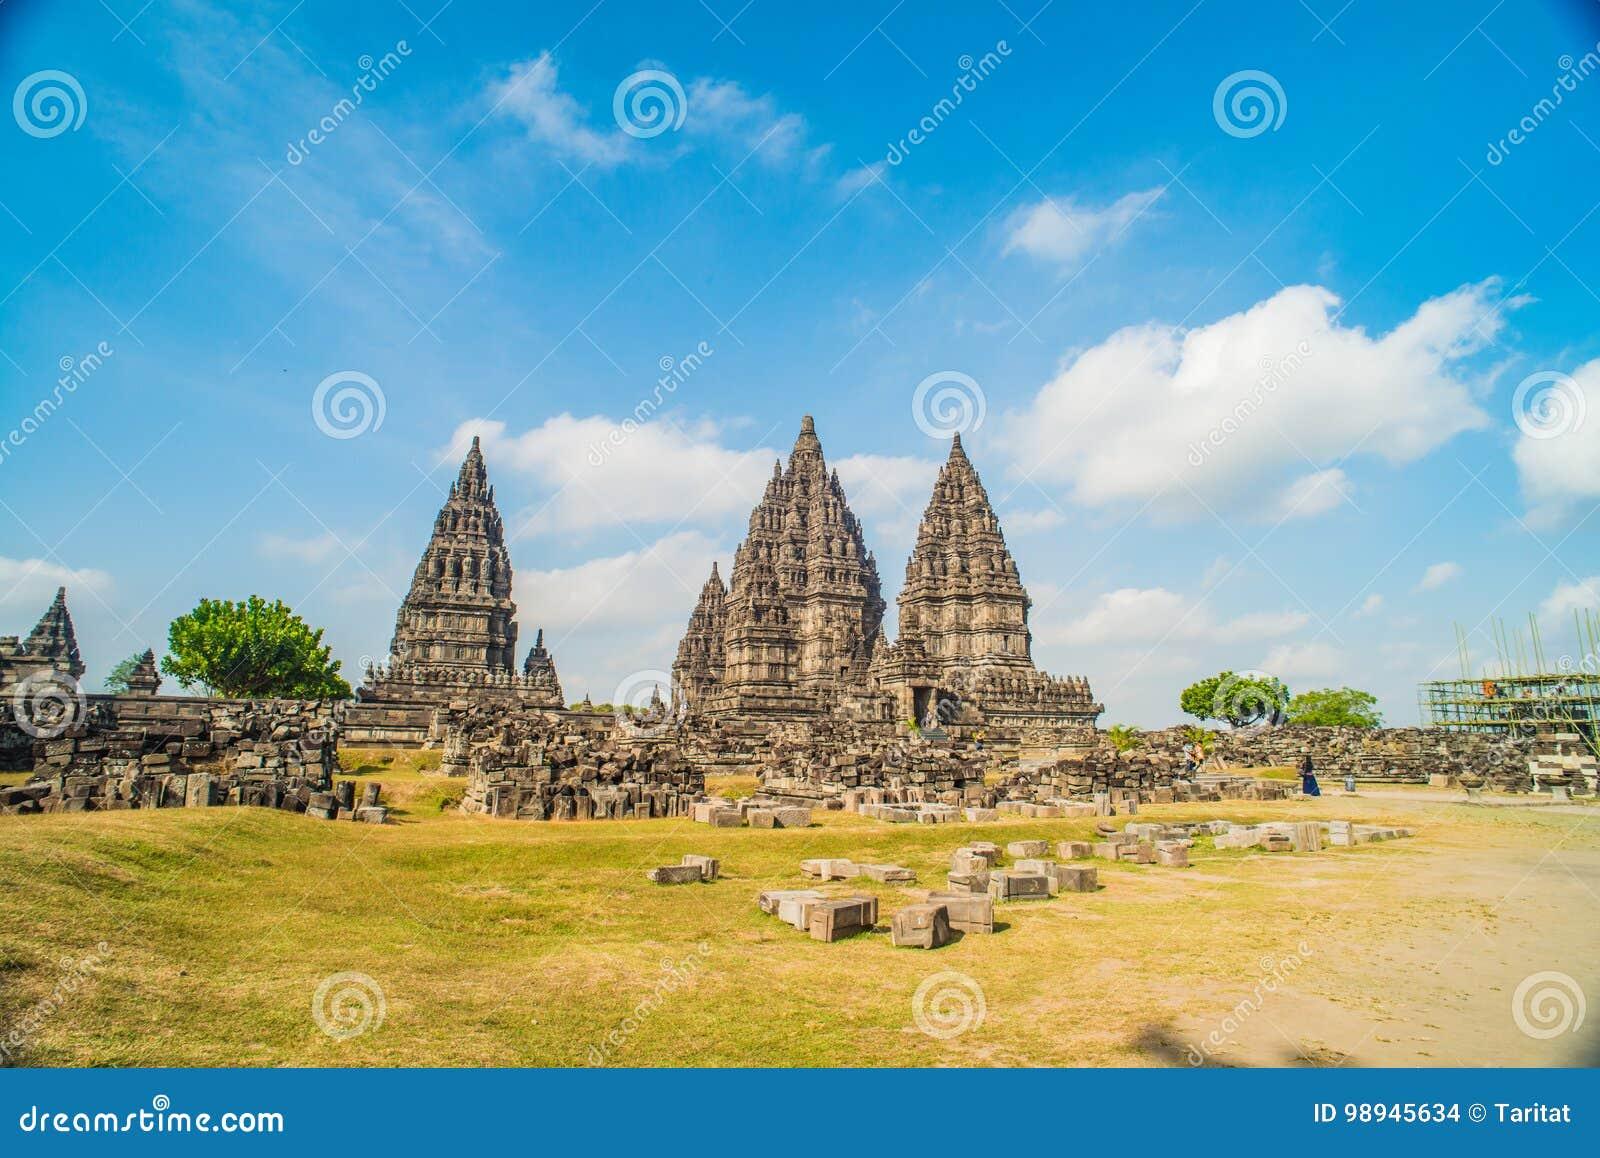 Prambanan o Candi Rara Jonggrang es un compuesto del templo hindú en Java, Indonesia, dedicada al Trimurti: el creador Brahma,